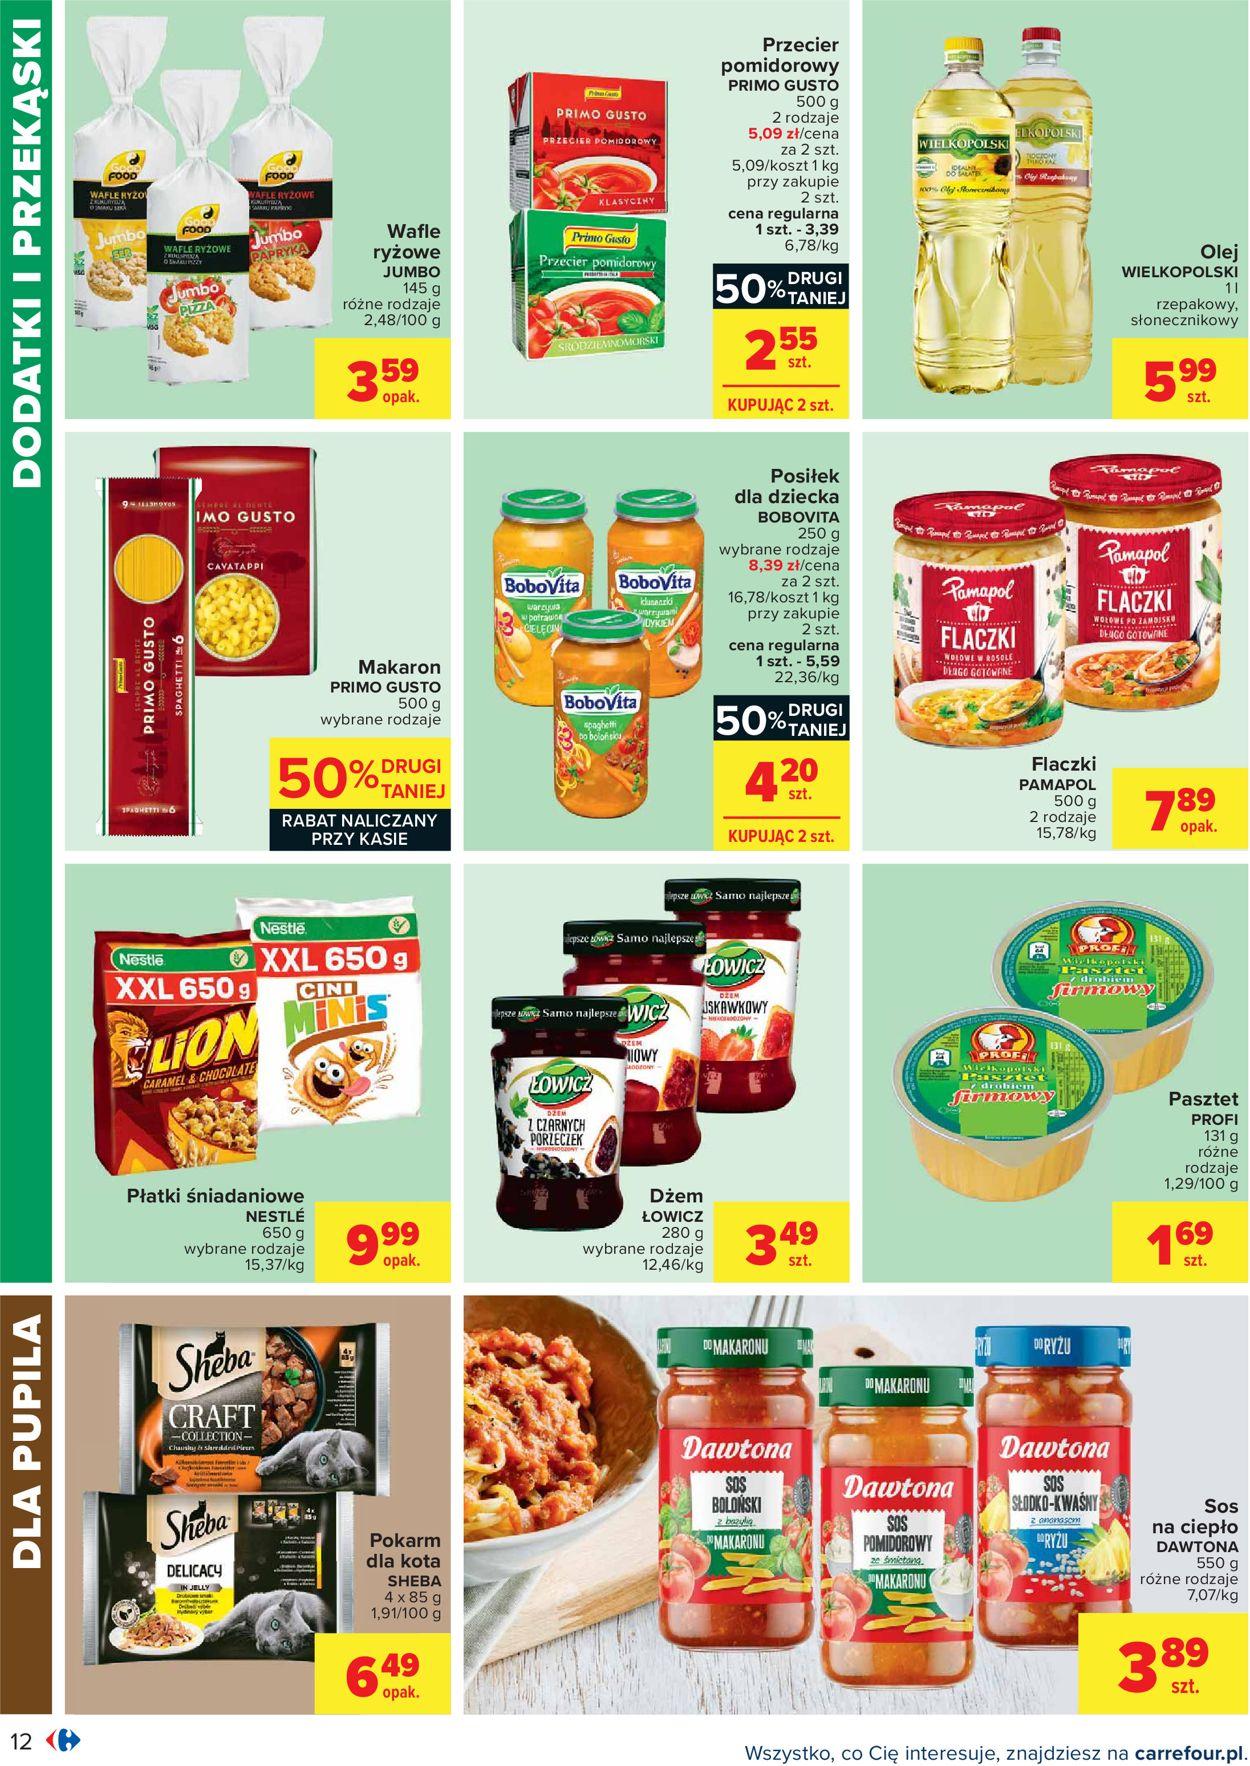 Gazetka promocyjna Carrefour - 20.04-30.04.2021 (Strona 12)